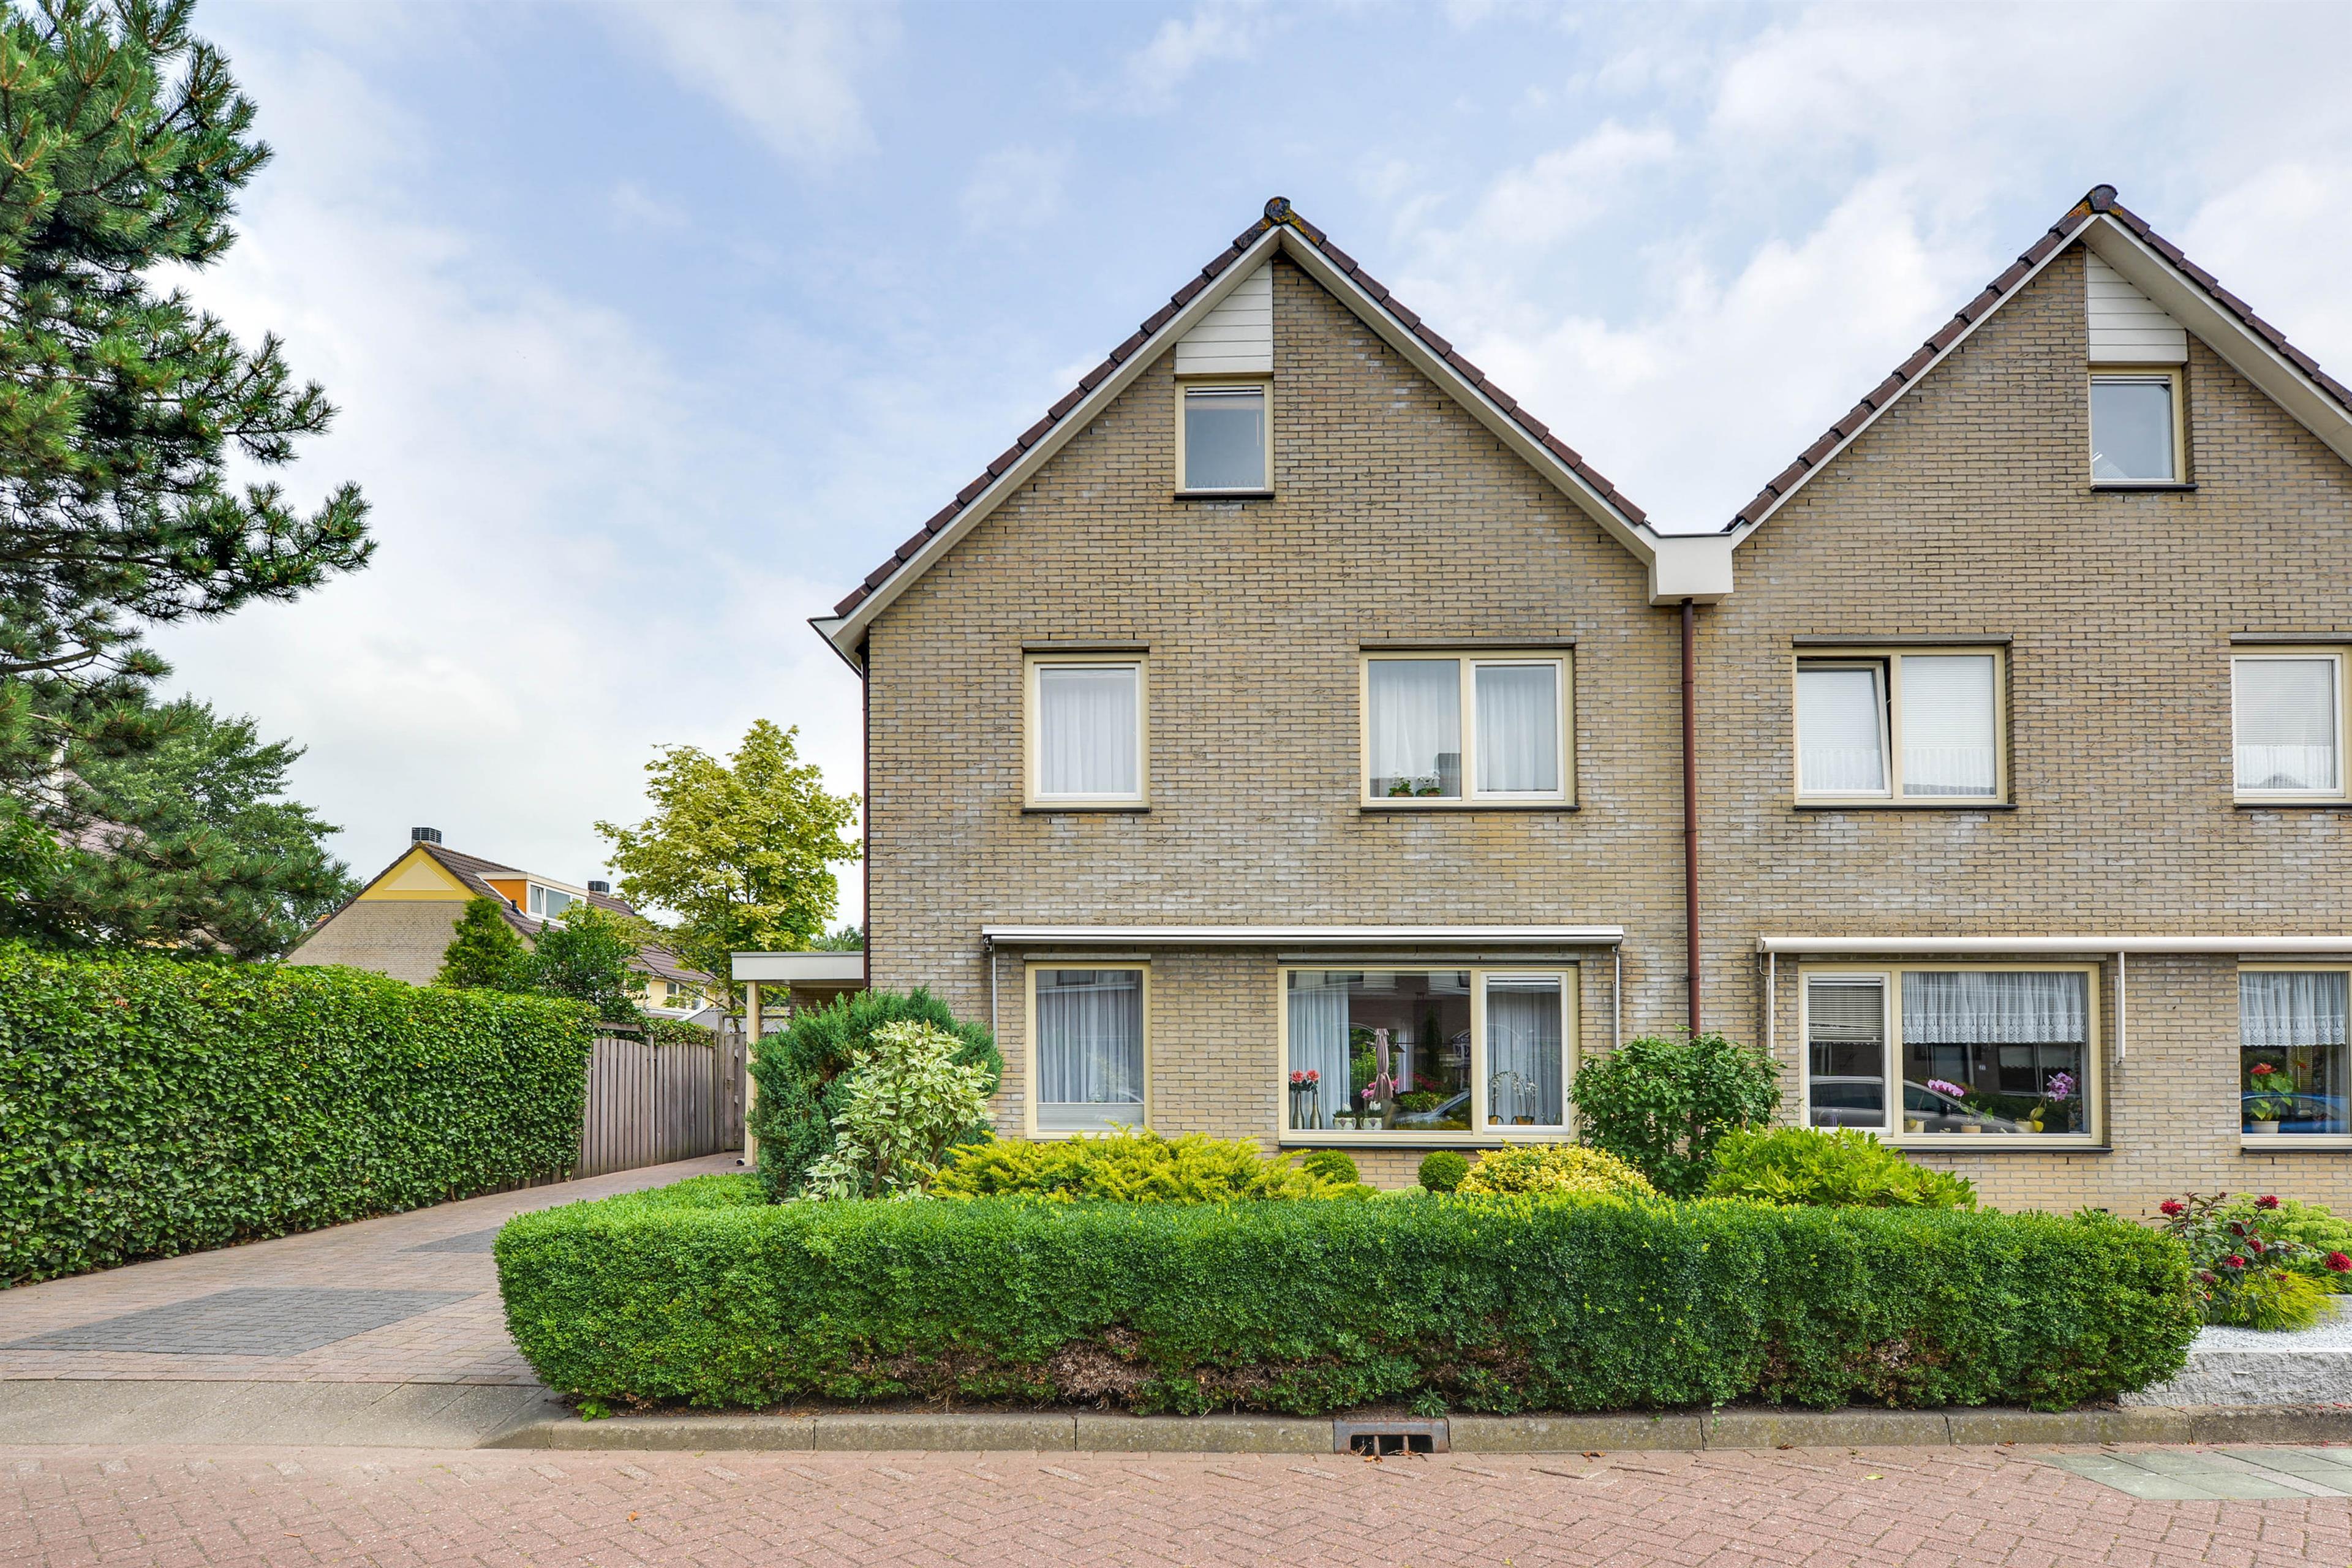 Te koop: Havikweg 94, Alkmaar - Hoekstra en van Eck - Méér makelaar